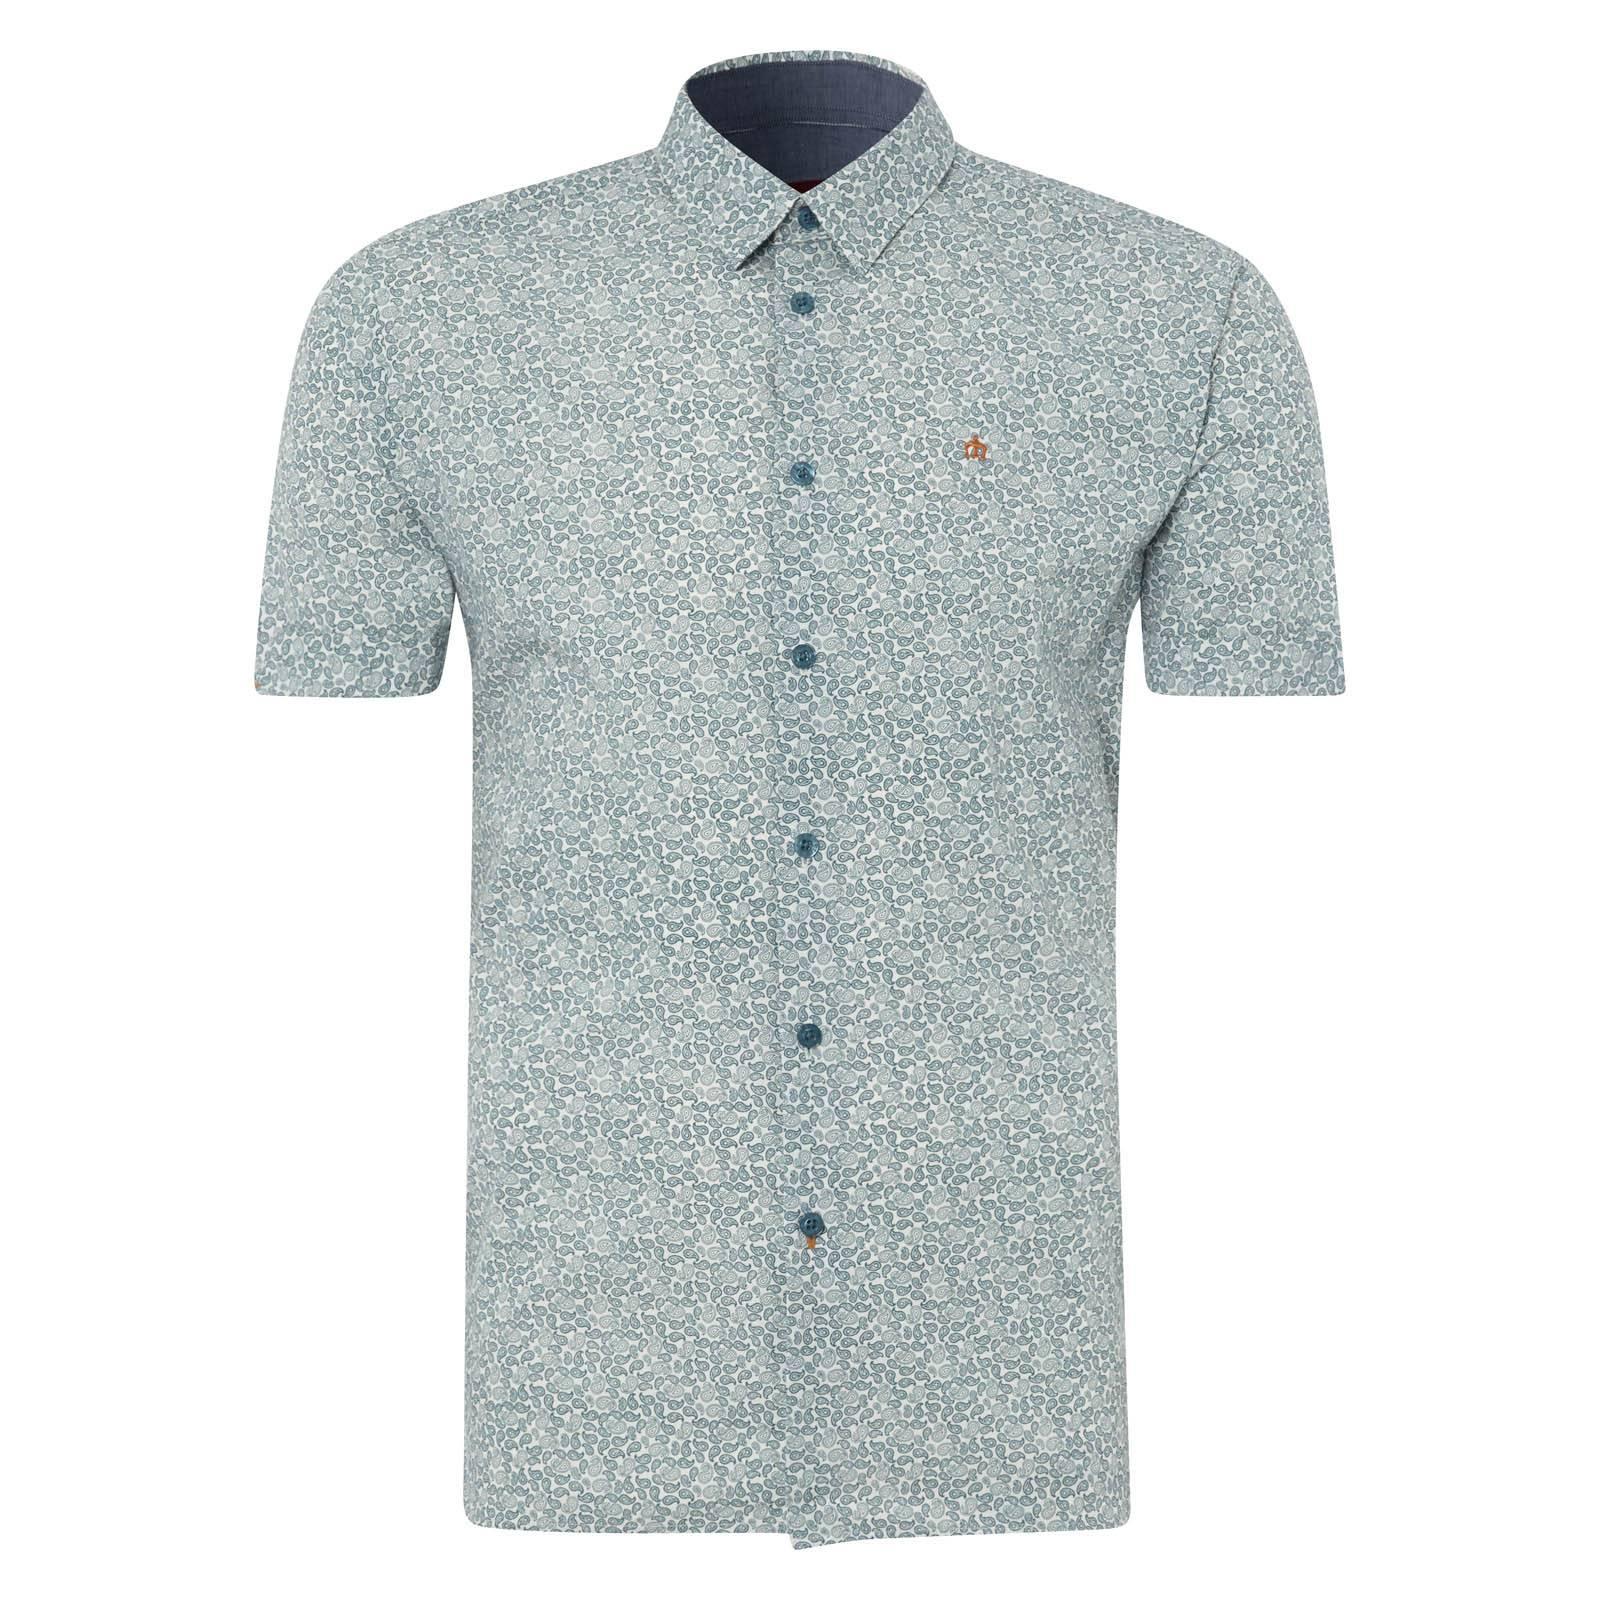 Рубашка ShepardРубашки<br>Приталенная рубашка с зауженными рукавами, которая прекрасно садится по фигуре. Украшена сплошным, выдержанным двутональным узором &amp;amp;quot;пейсли&amp;amp;quot;. &amp;lt;br /&amp;gt;<br>&amp;lt;br /&amp;gt;<br>Аккуратный, укороченный воротник с отложными краями классического английского типа &amp;amp;quot;Кент&amp;amp;quot; и приятный глазу лазурно-серый принт составляют легкий образ этой модели, идеальный для летнего сезона. &amp;lt;br /&amp;gt;<br>&amp;lt;br /&amp;gt;<br>Эта рубашка прекрасно сочетается с джинсами и легким синим кардиганом. Ее можно носить навыпуск или заправлять в брюки.<br><br>Артикул: 1514106<br>Материал: 100% хлопок<br>Цвет: лазурно-серый<br>Пол: Мужской